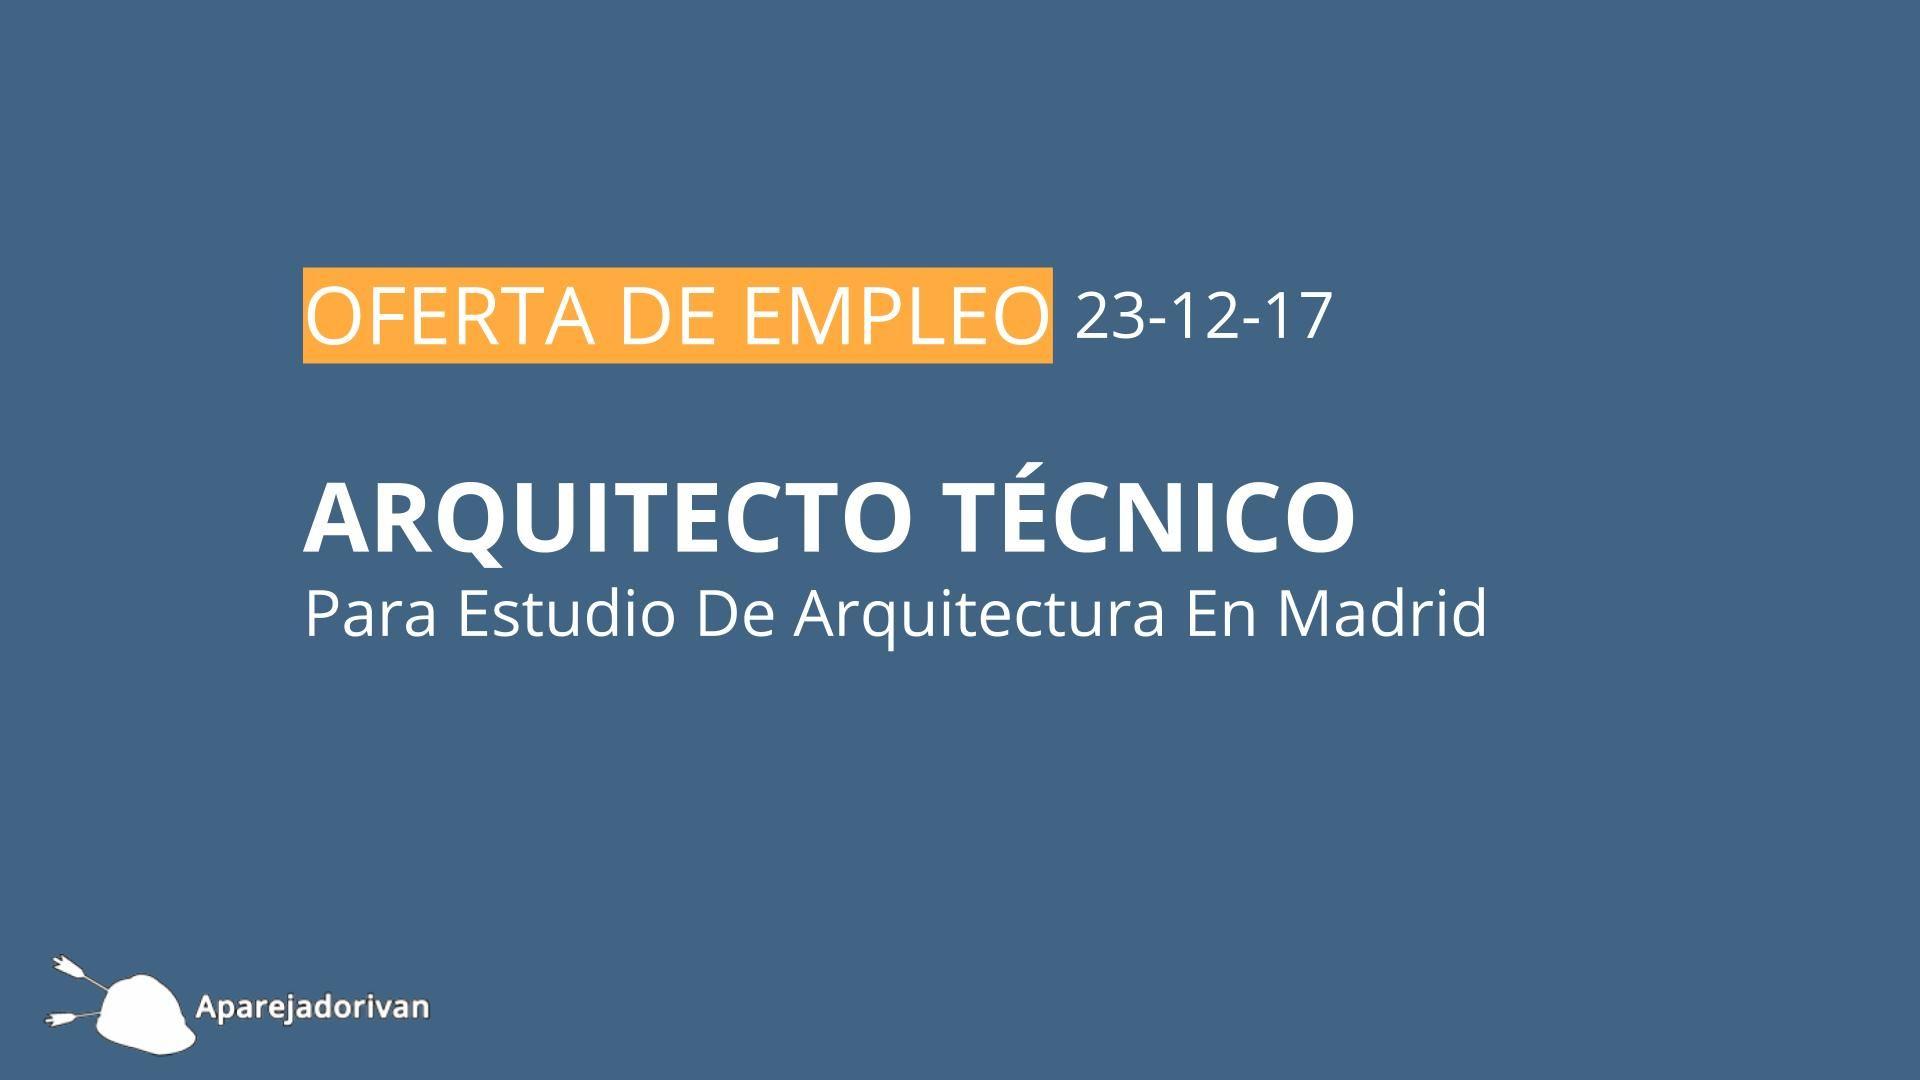 Oferta de trabajo de arquitecto t cnico en madrid 23 12 17 for Ofertas empleo madrid